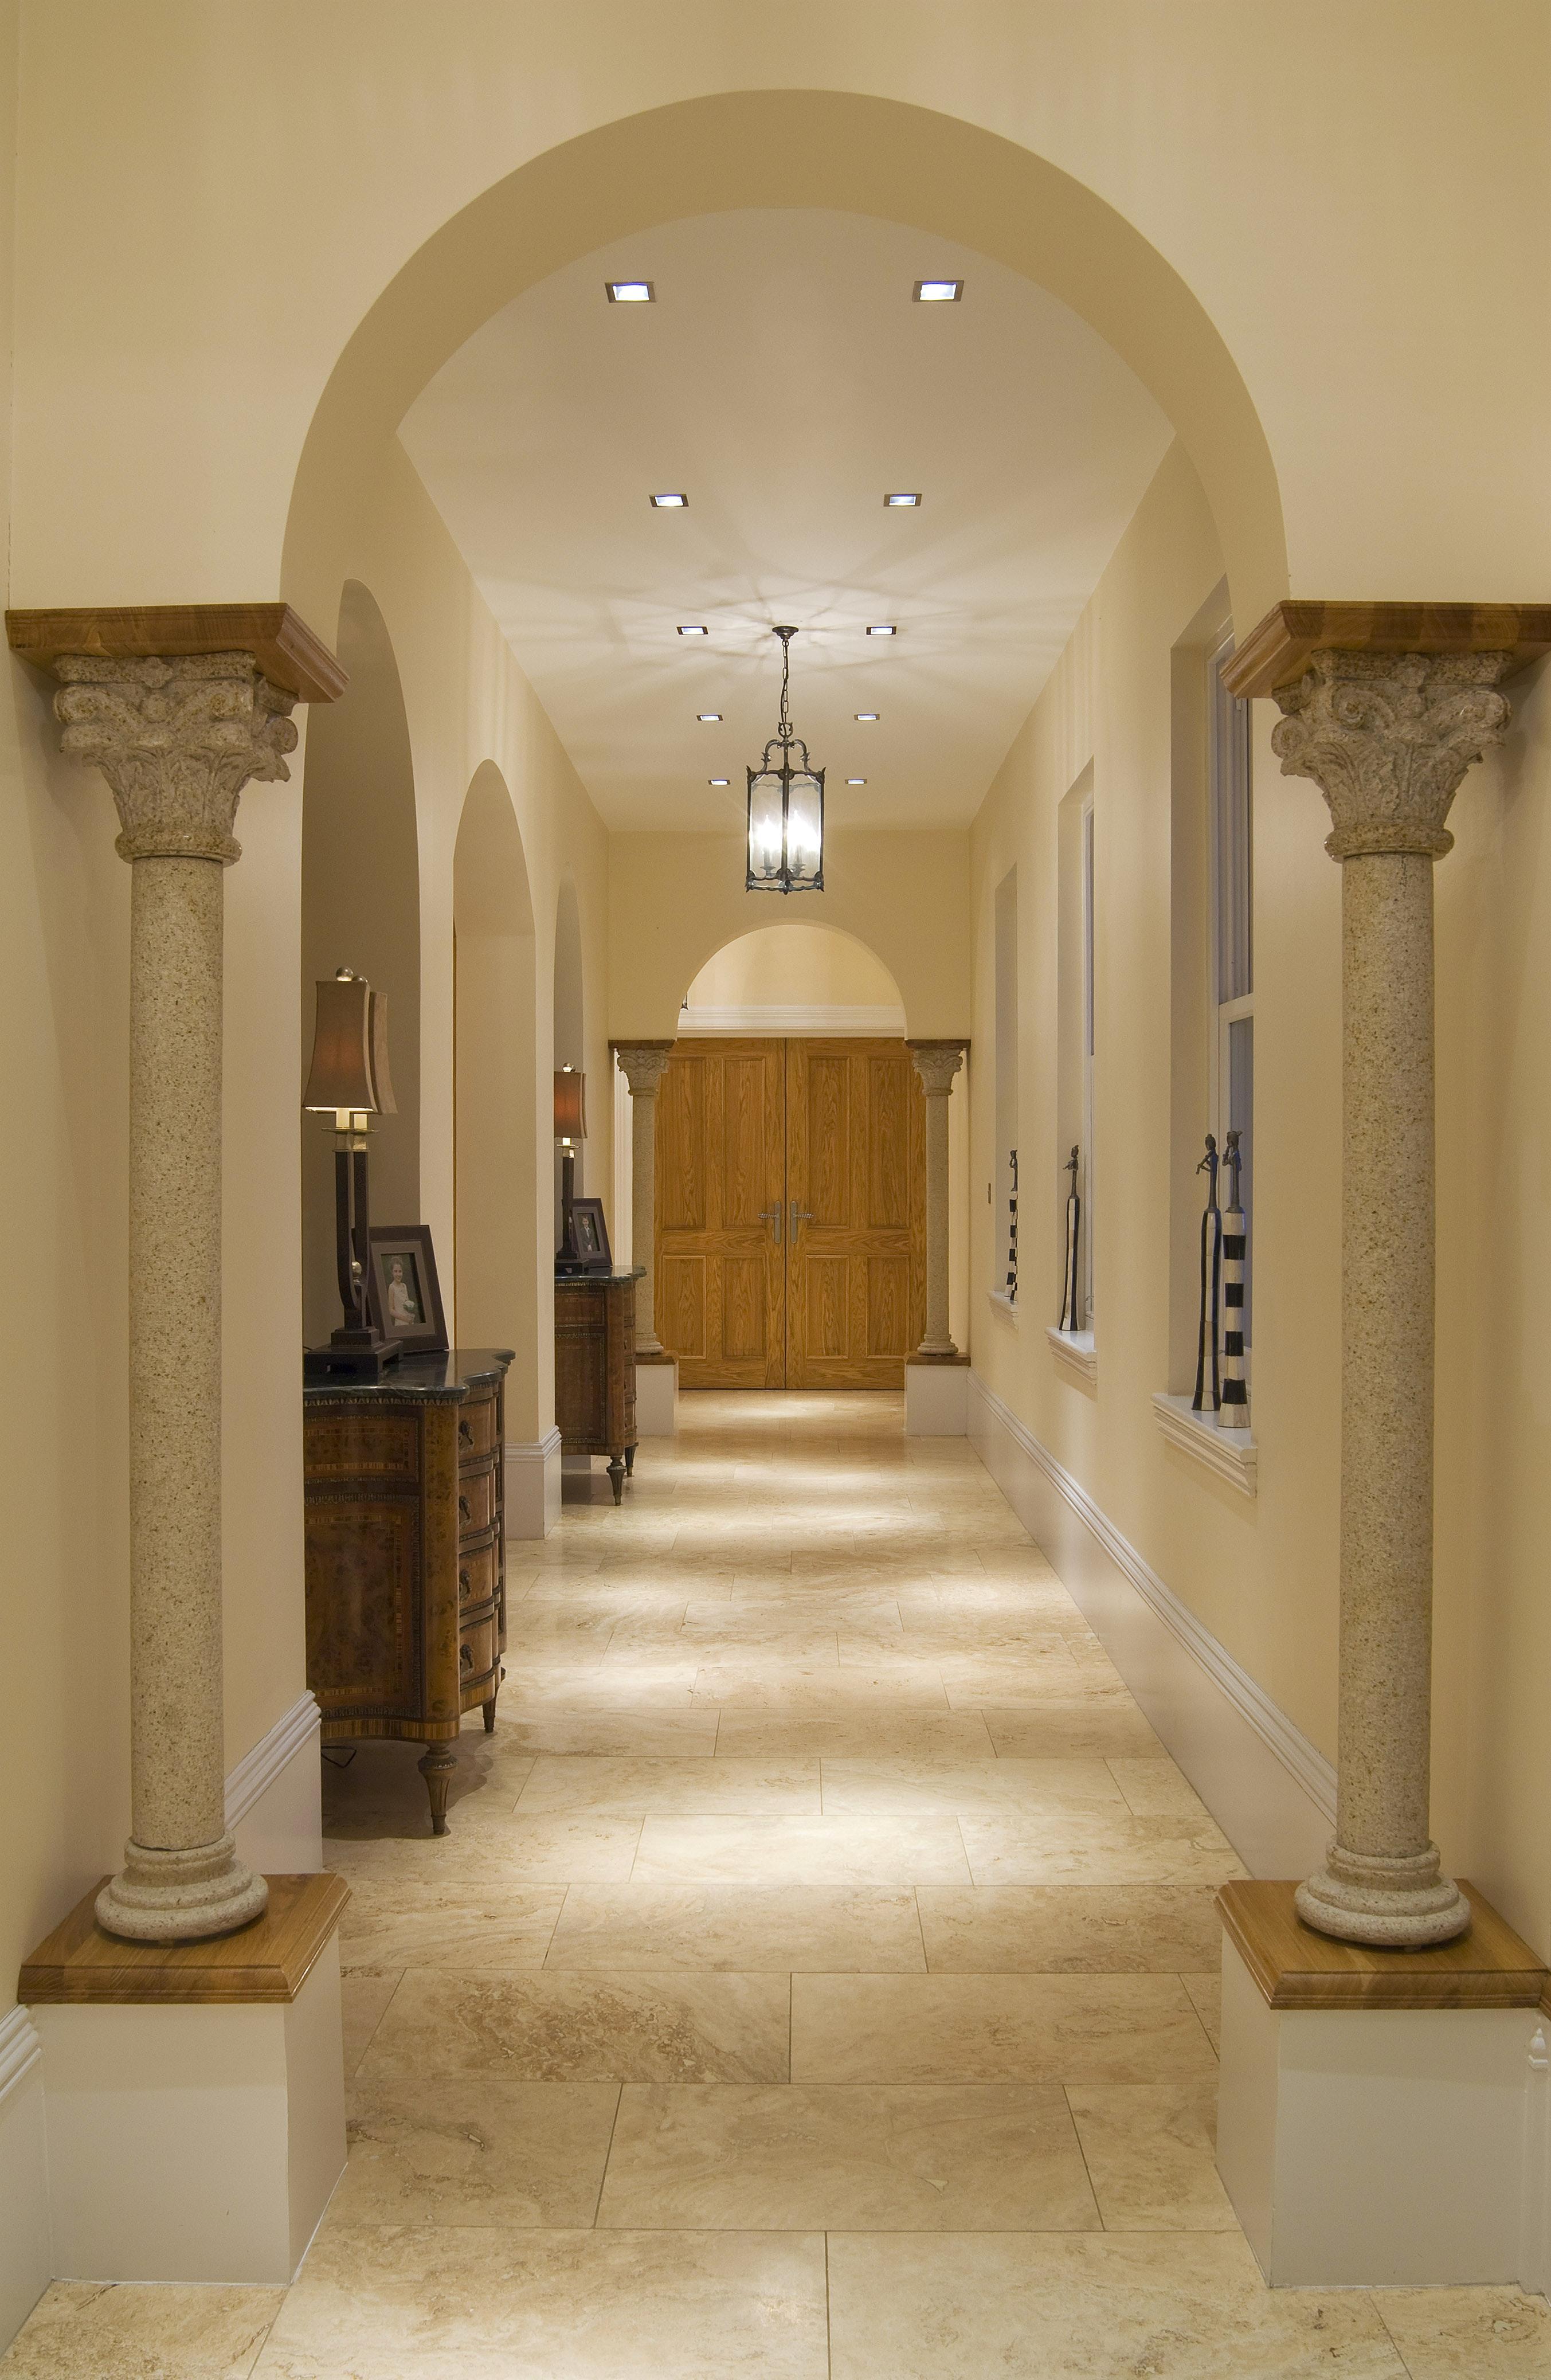 Дизайн коридора с аркой с колоннами